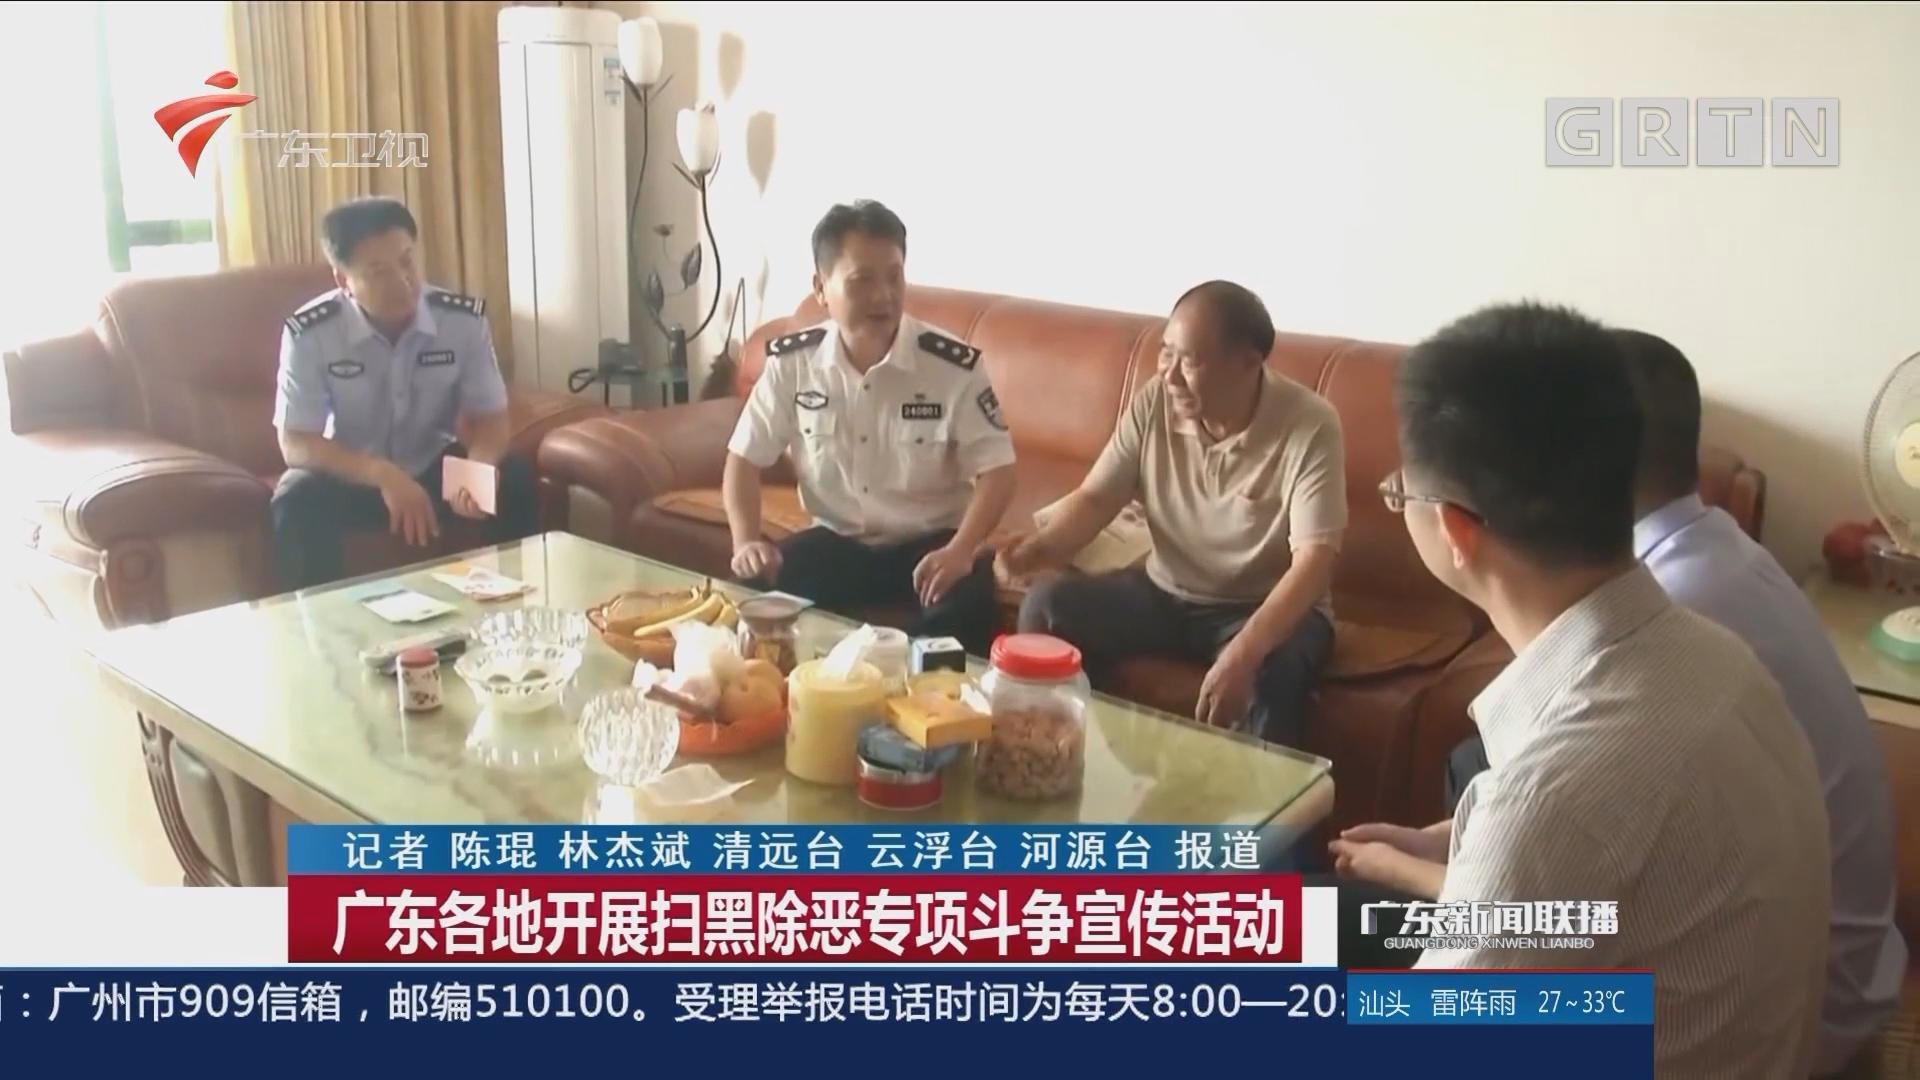 广东各地开展扫黑除恶专项斗争宣传活动